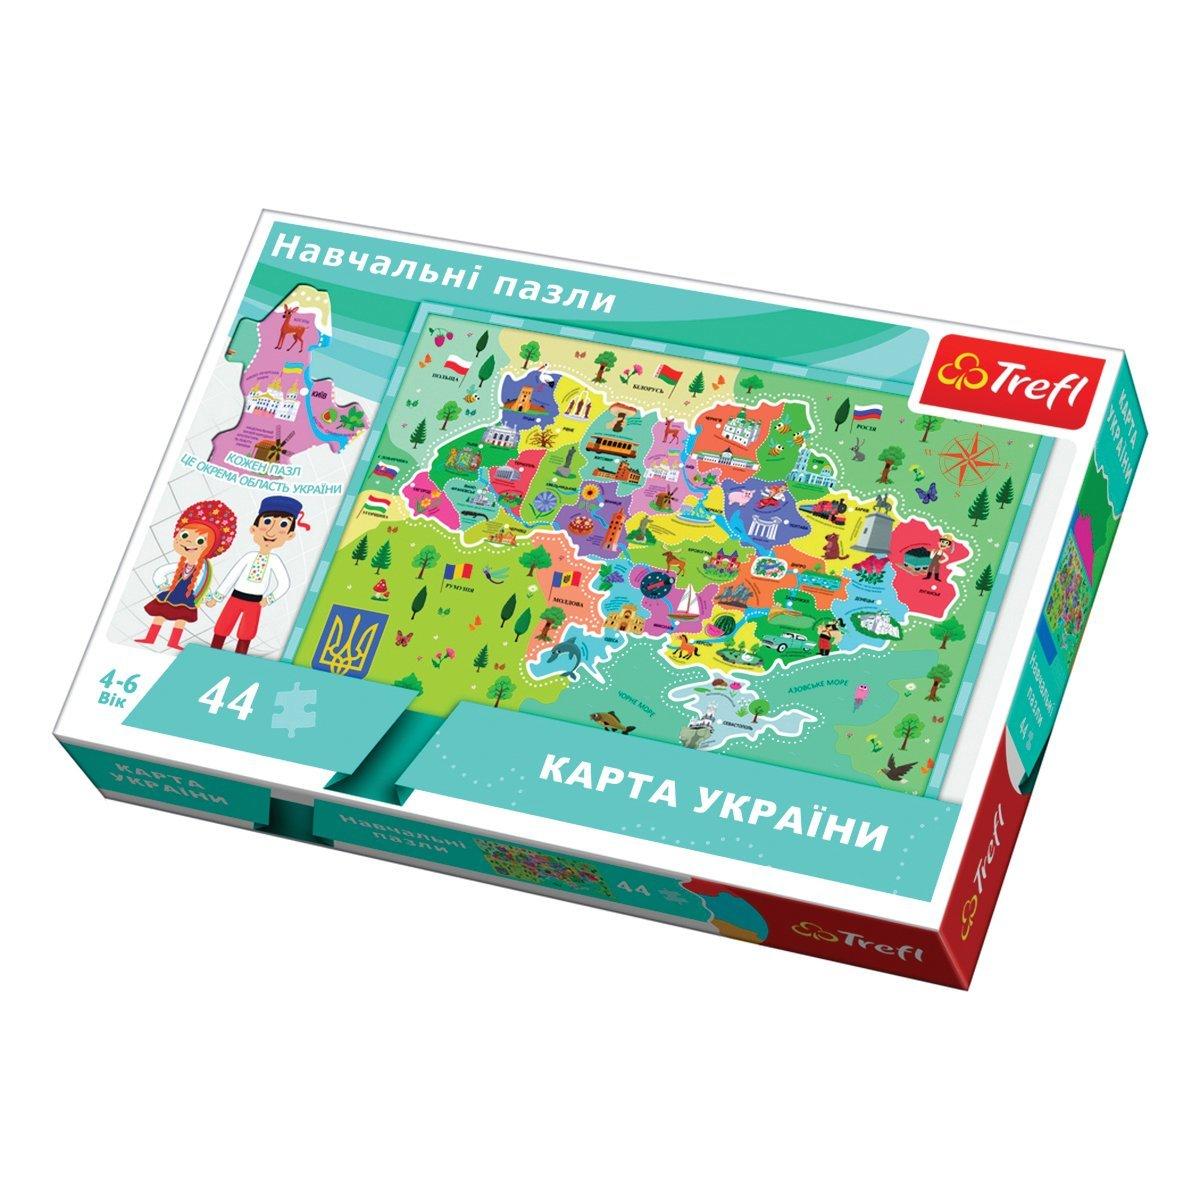 Купить Картонные, Пазл Trefl Карта Украины 44 эл 15532 ТМ: Trefl